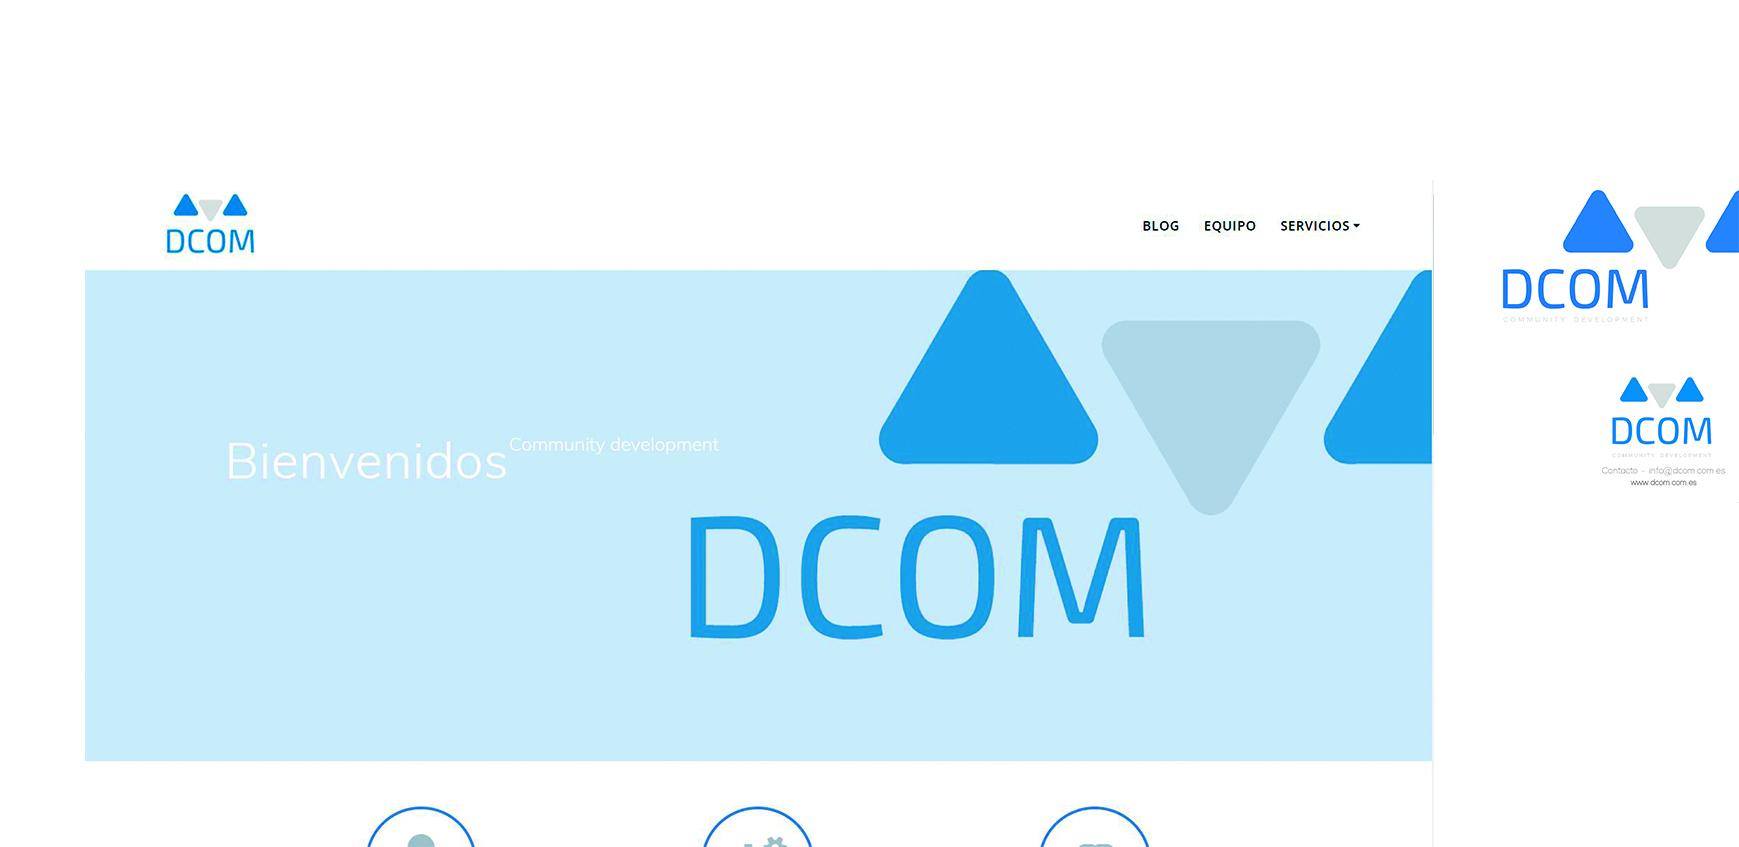 Adaptación gráfica DCOM